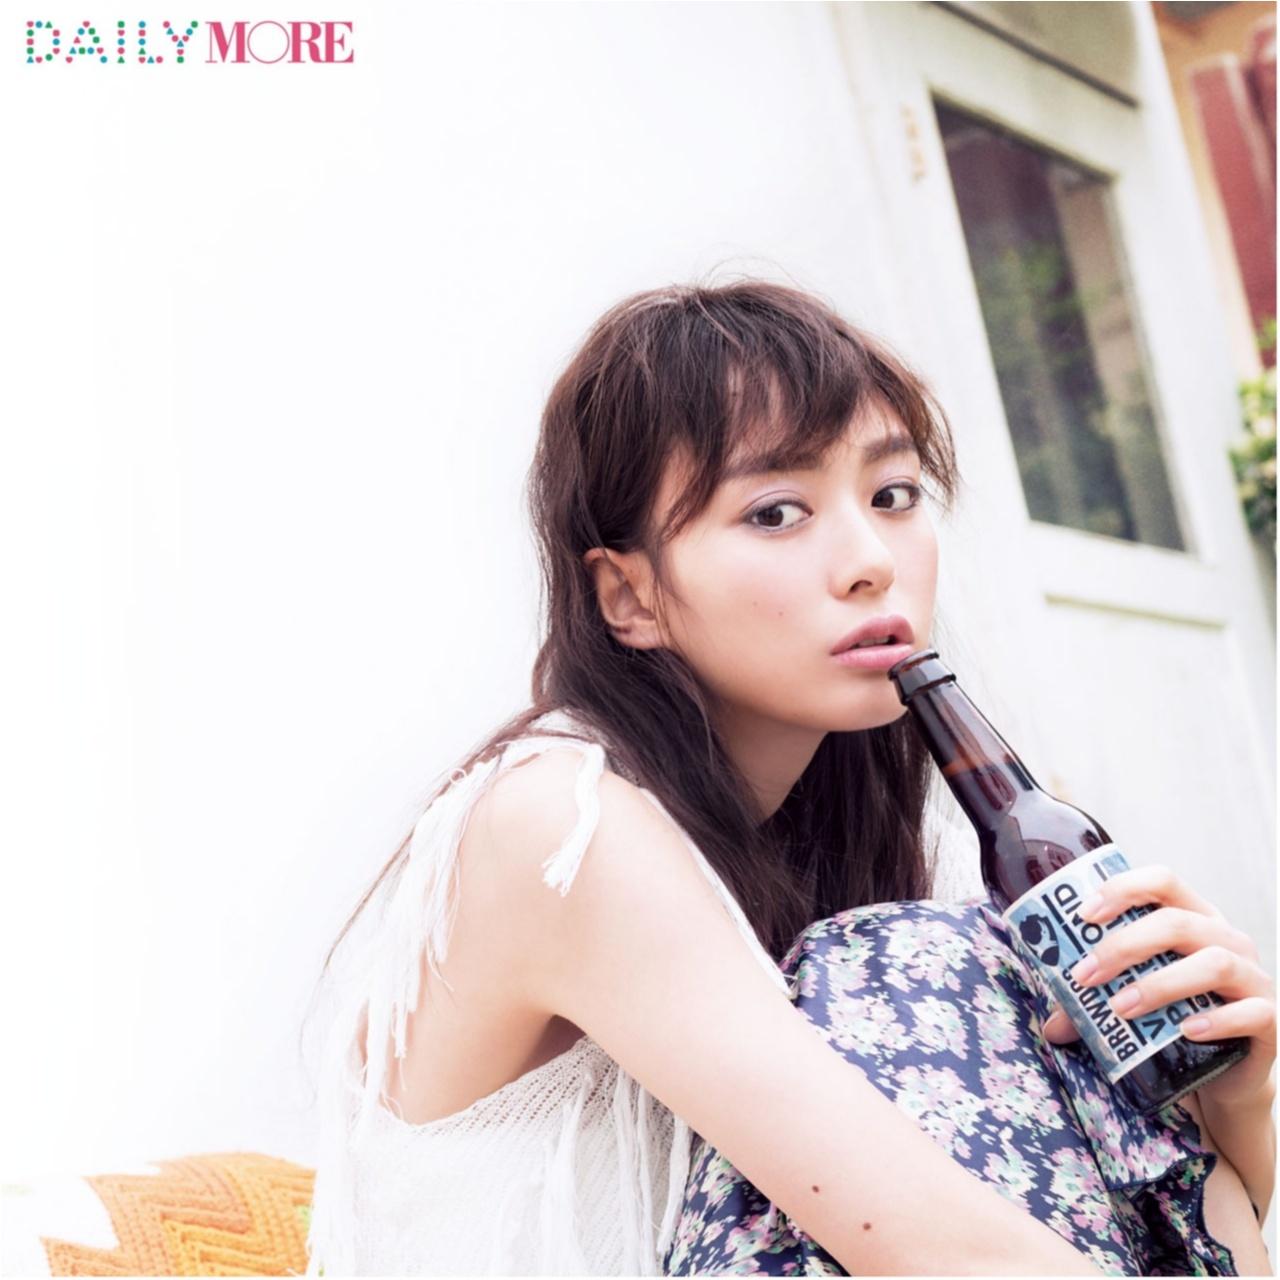 内田理央出演! 大人気ヘア&メイク『イガリシノブ』さんのメイクまとめ♡_1_10